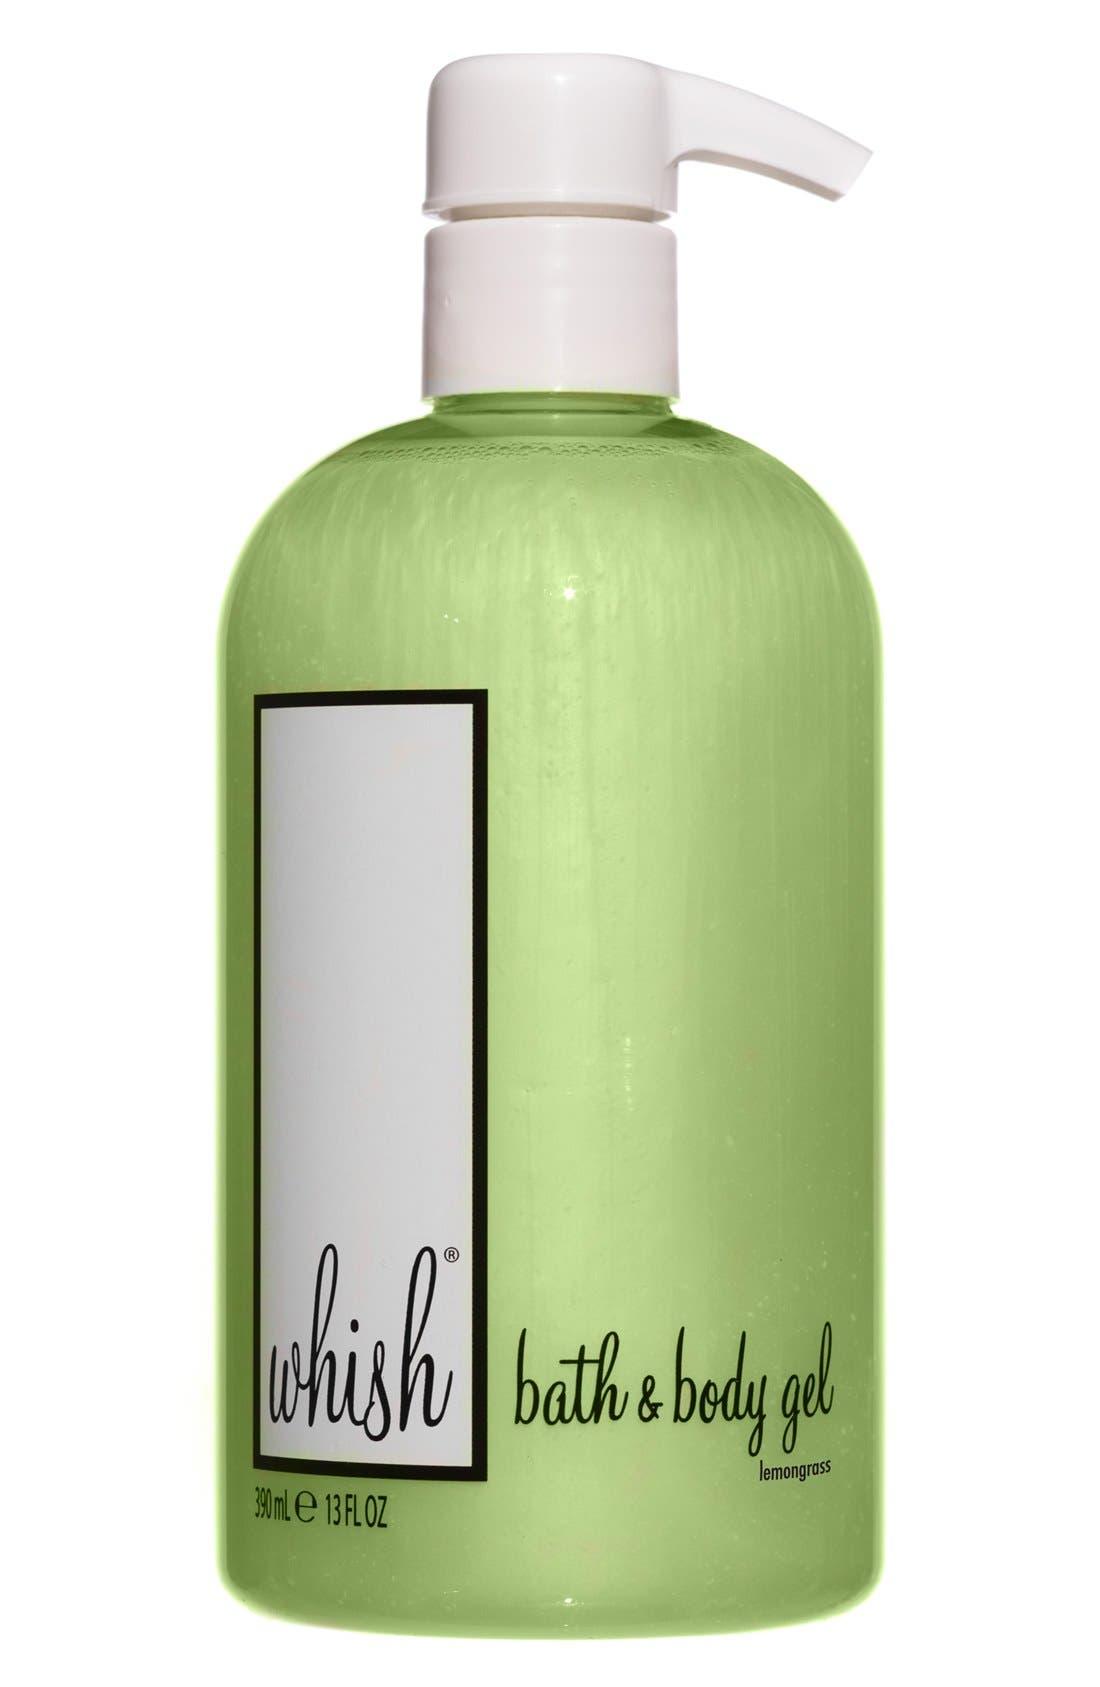 Whish™ Lemongrass Body Wash